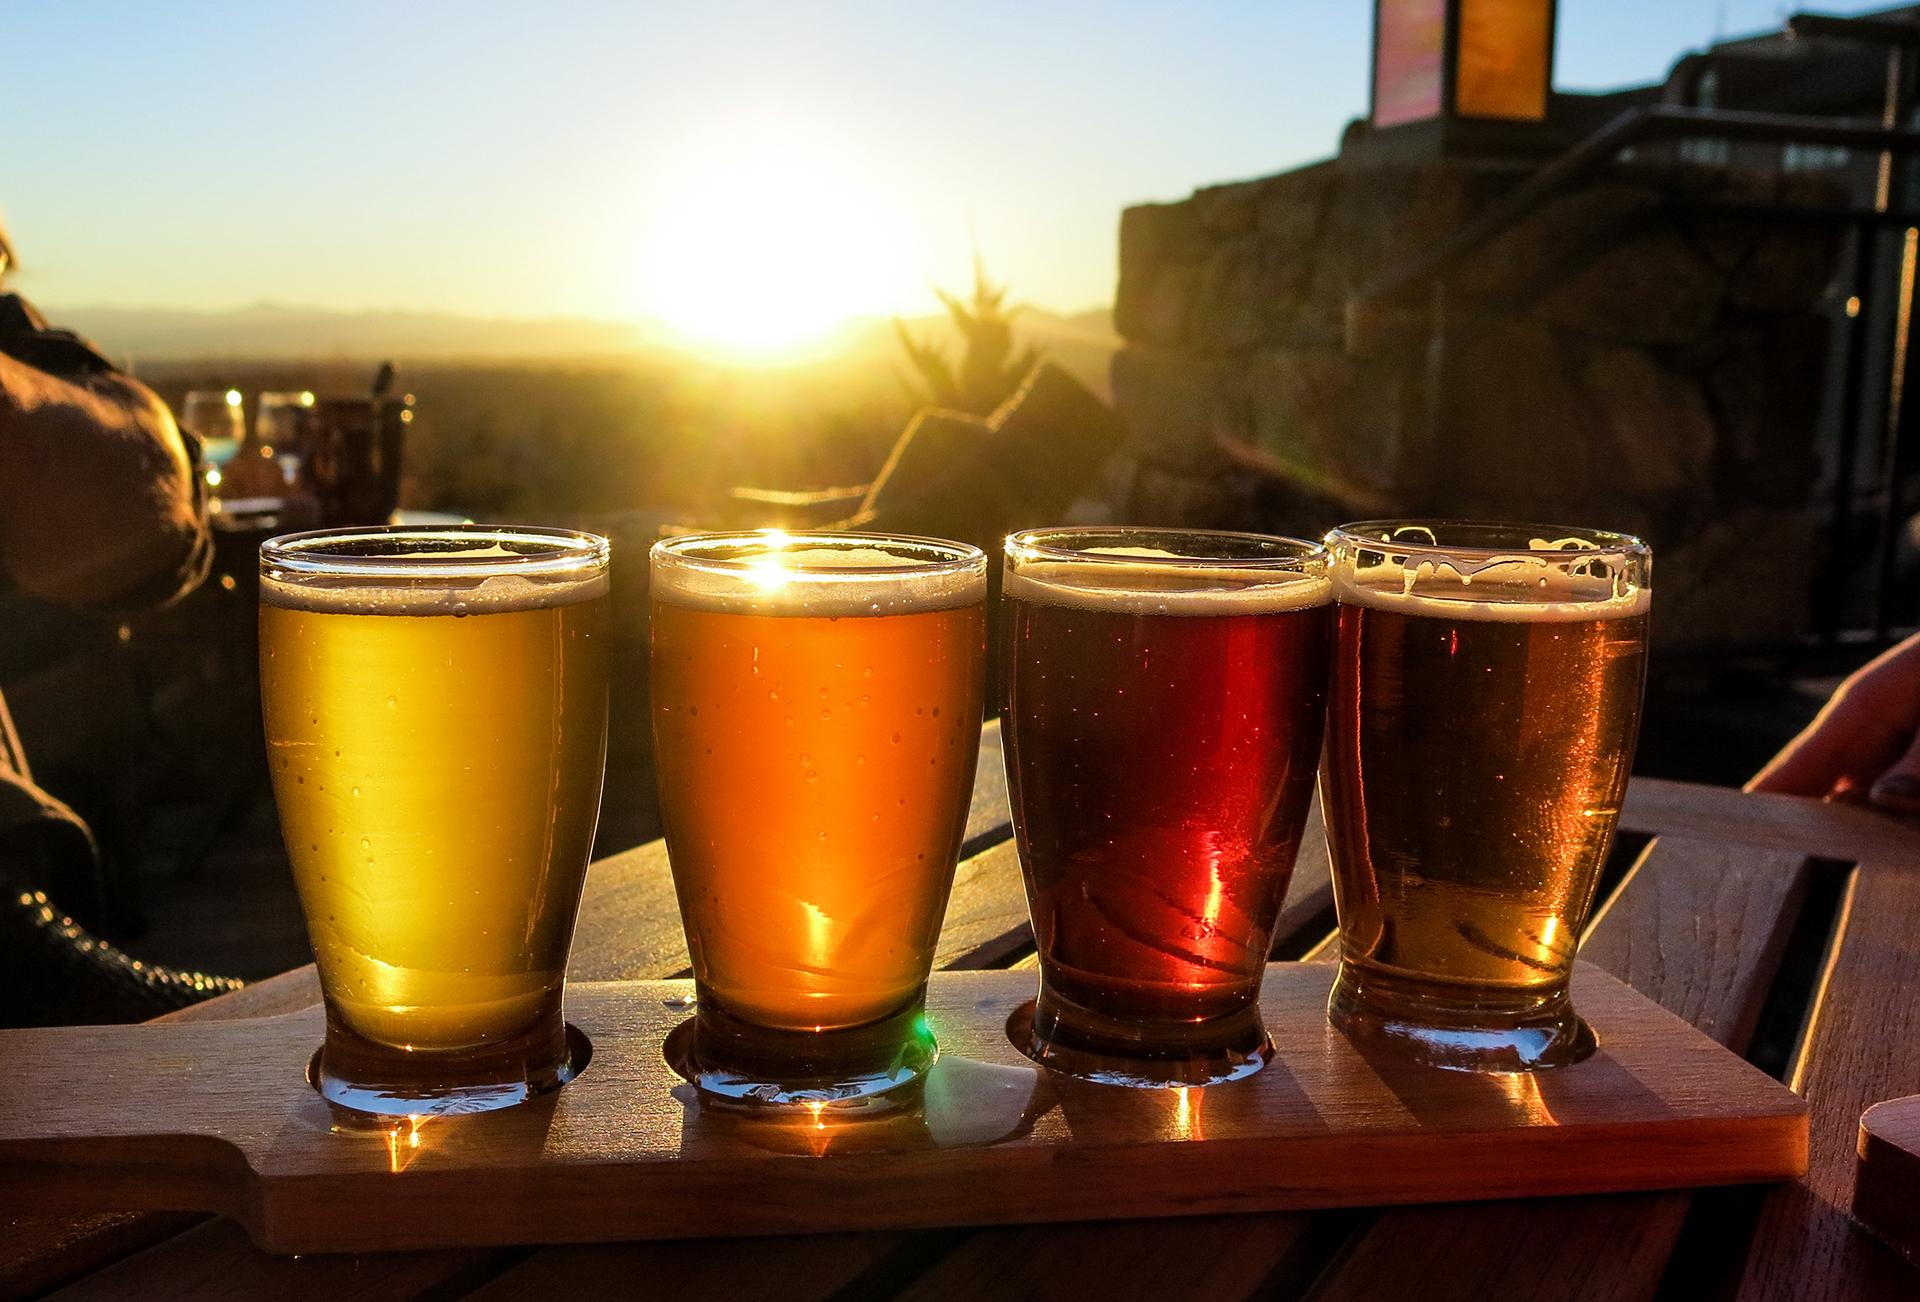 Las cervezas especiales son las bebidas más pedidas (Getty)